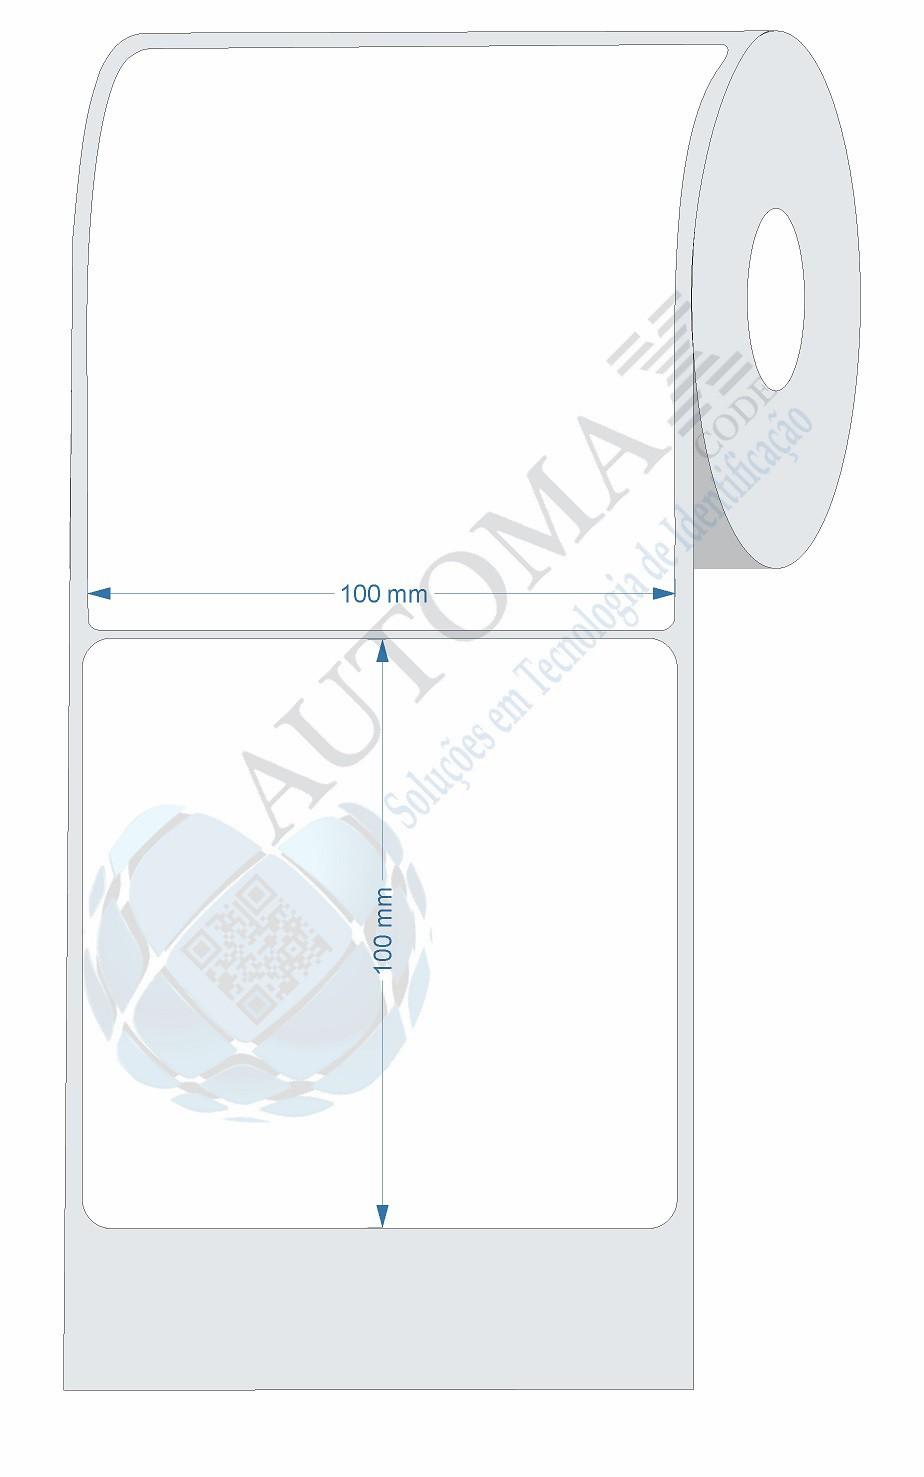 Etiqueta Couche 10x10cm | 100mmX100mm